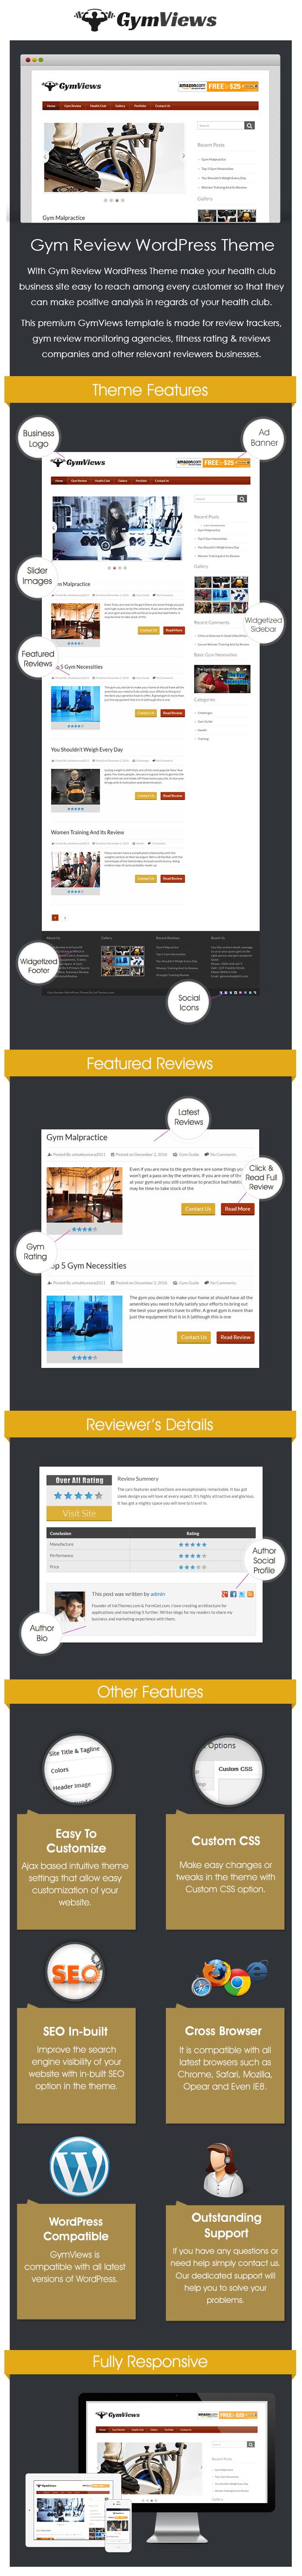 Gym Review WordPress Theme